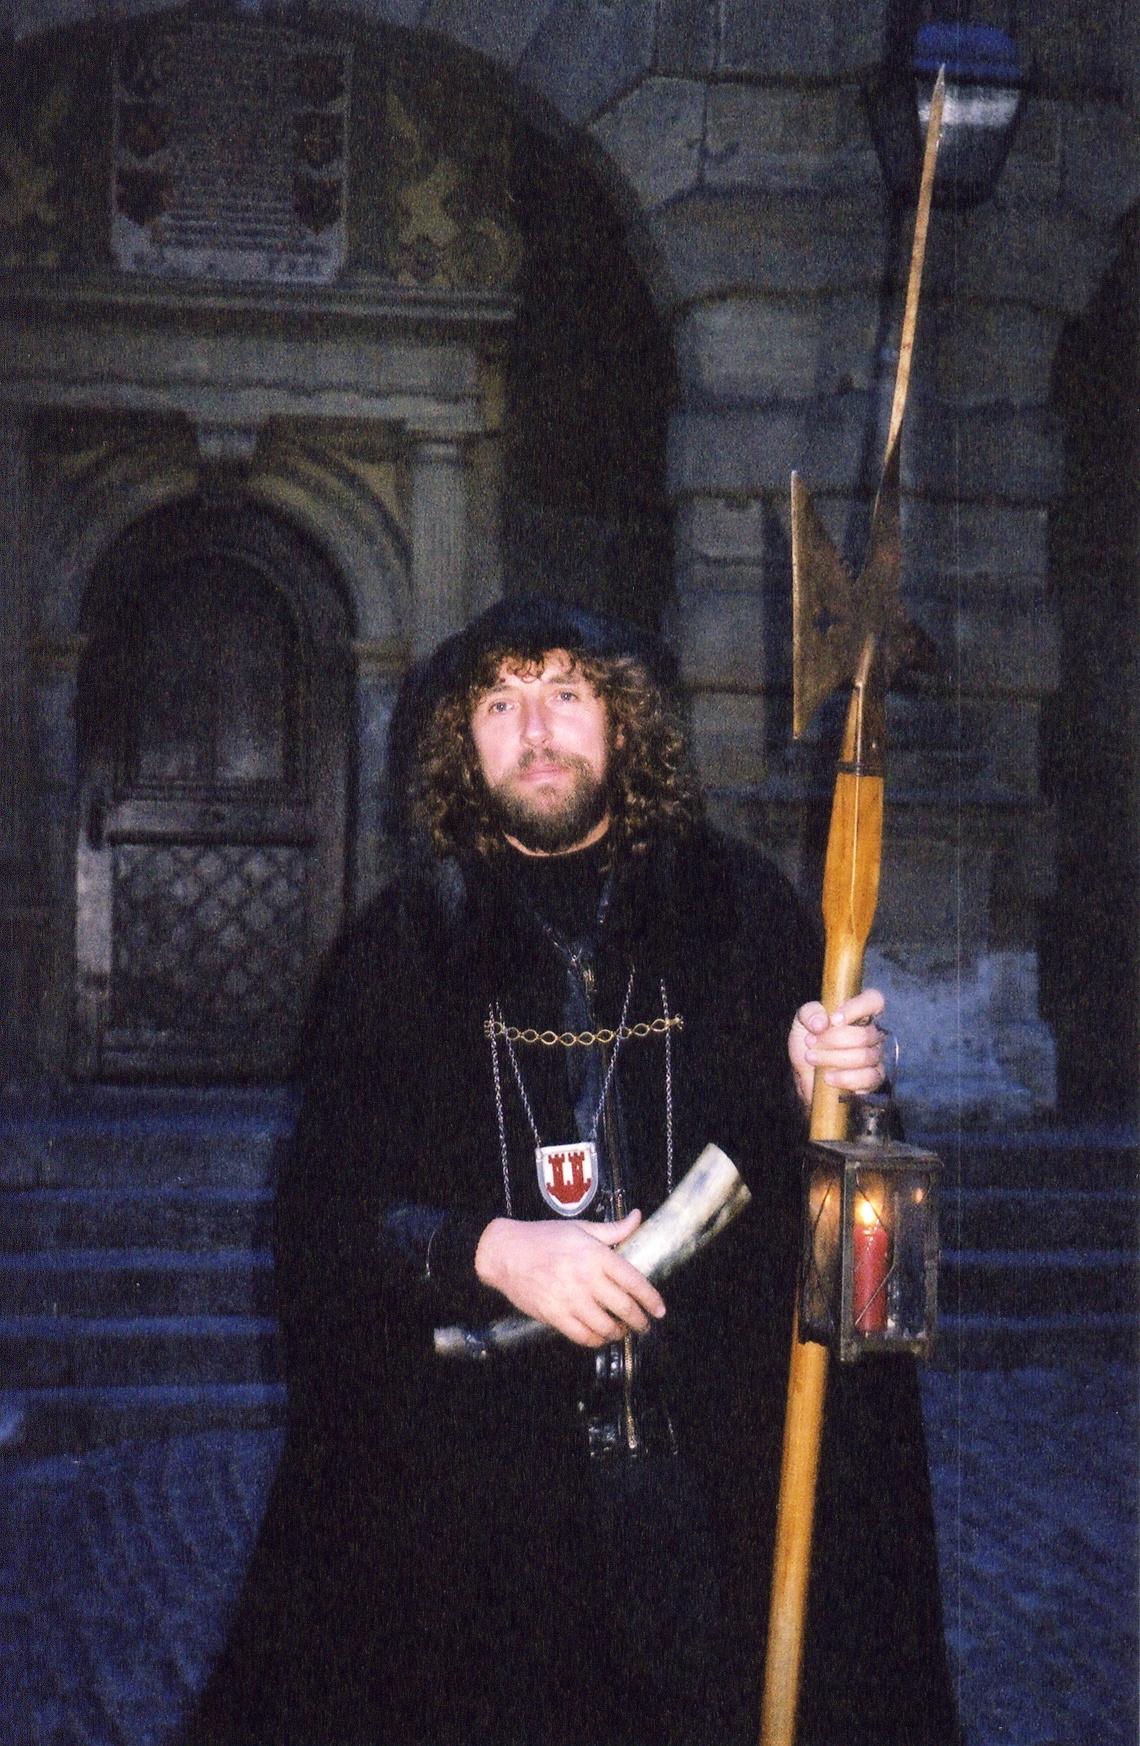 Mittelalterlicher Nachtwächter, der täglich Führungen durch Rothenburg ob der Tauber anbietet.